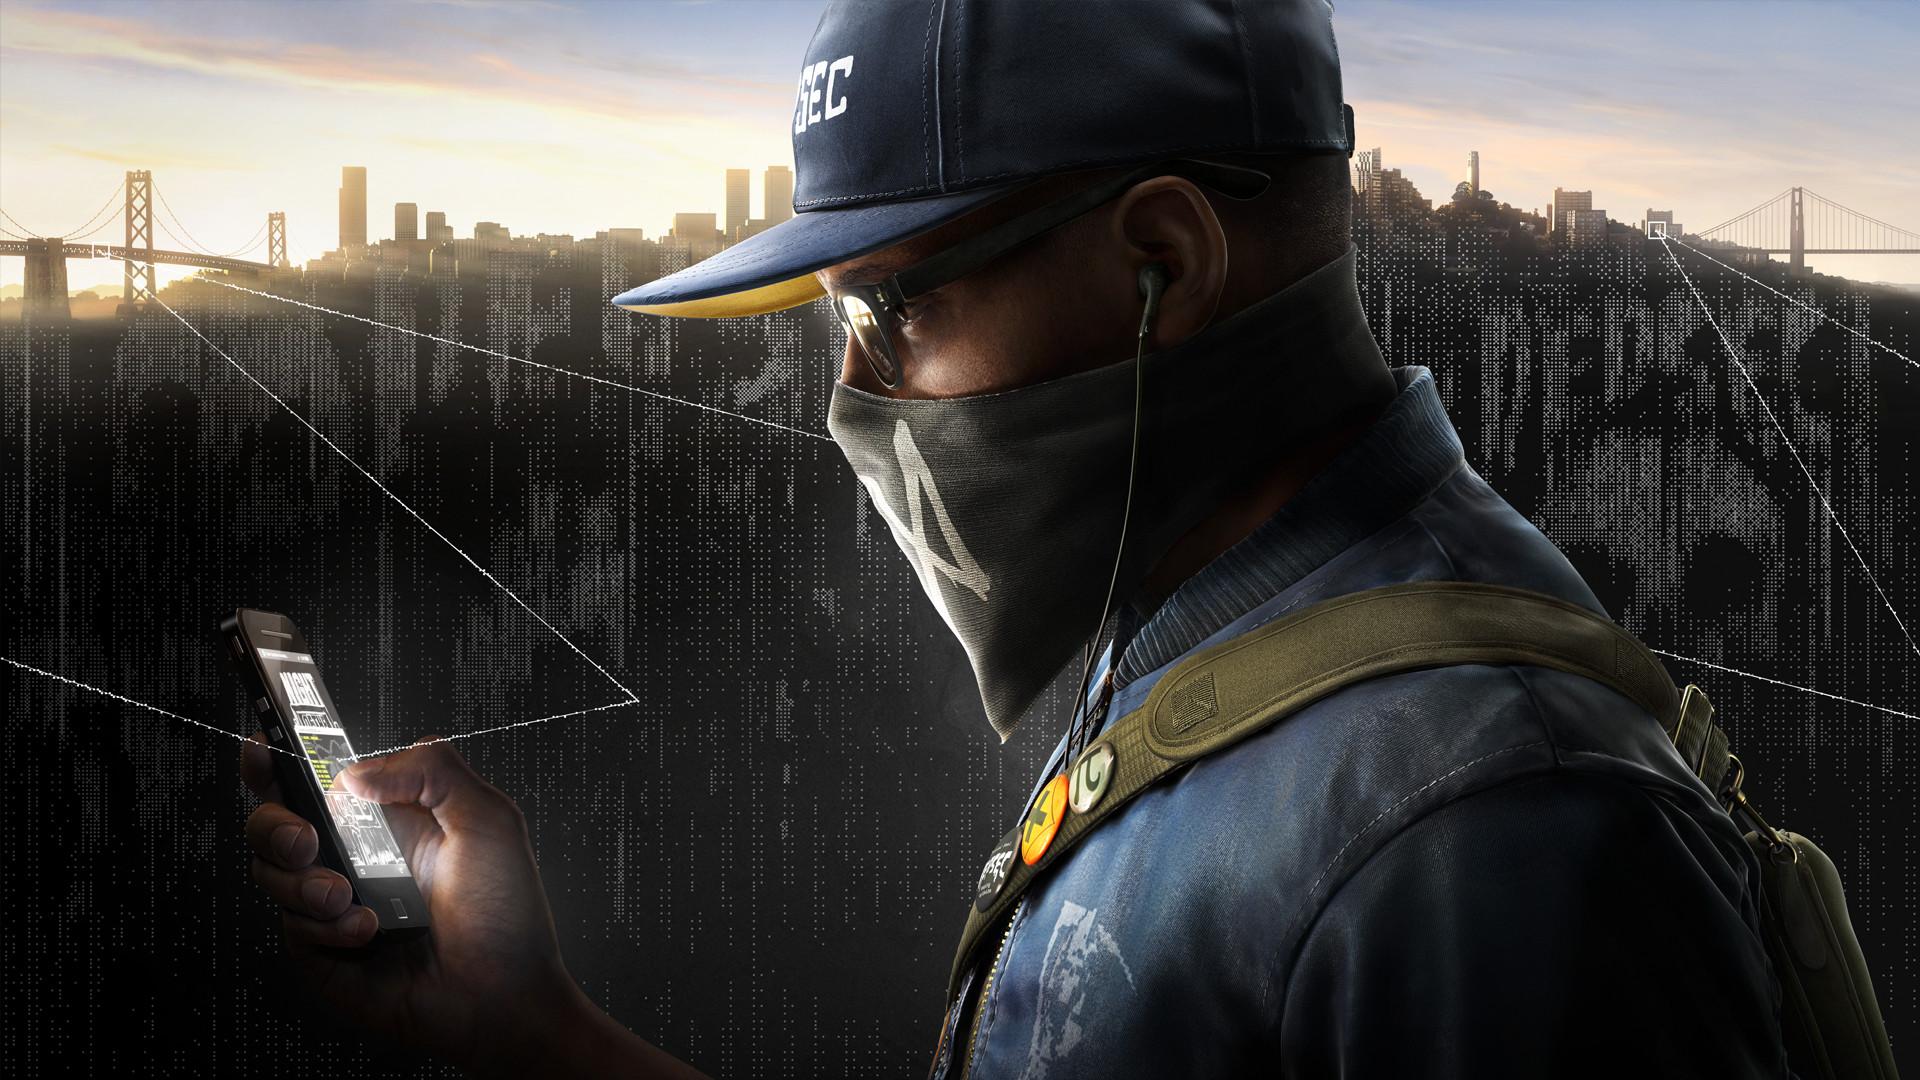 رسمياً لعبة Watch Dogs 2 ستدعم الترجمة النصية للغة العربية